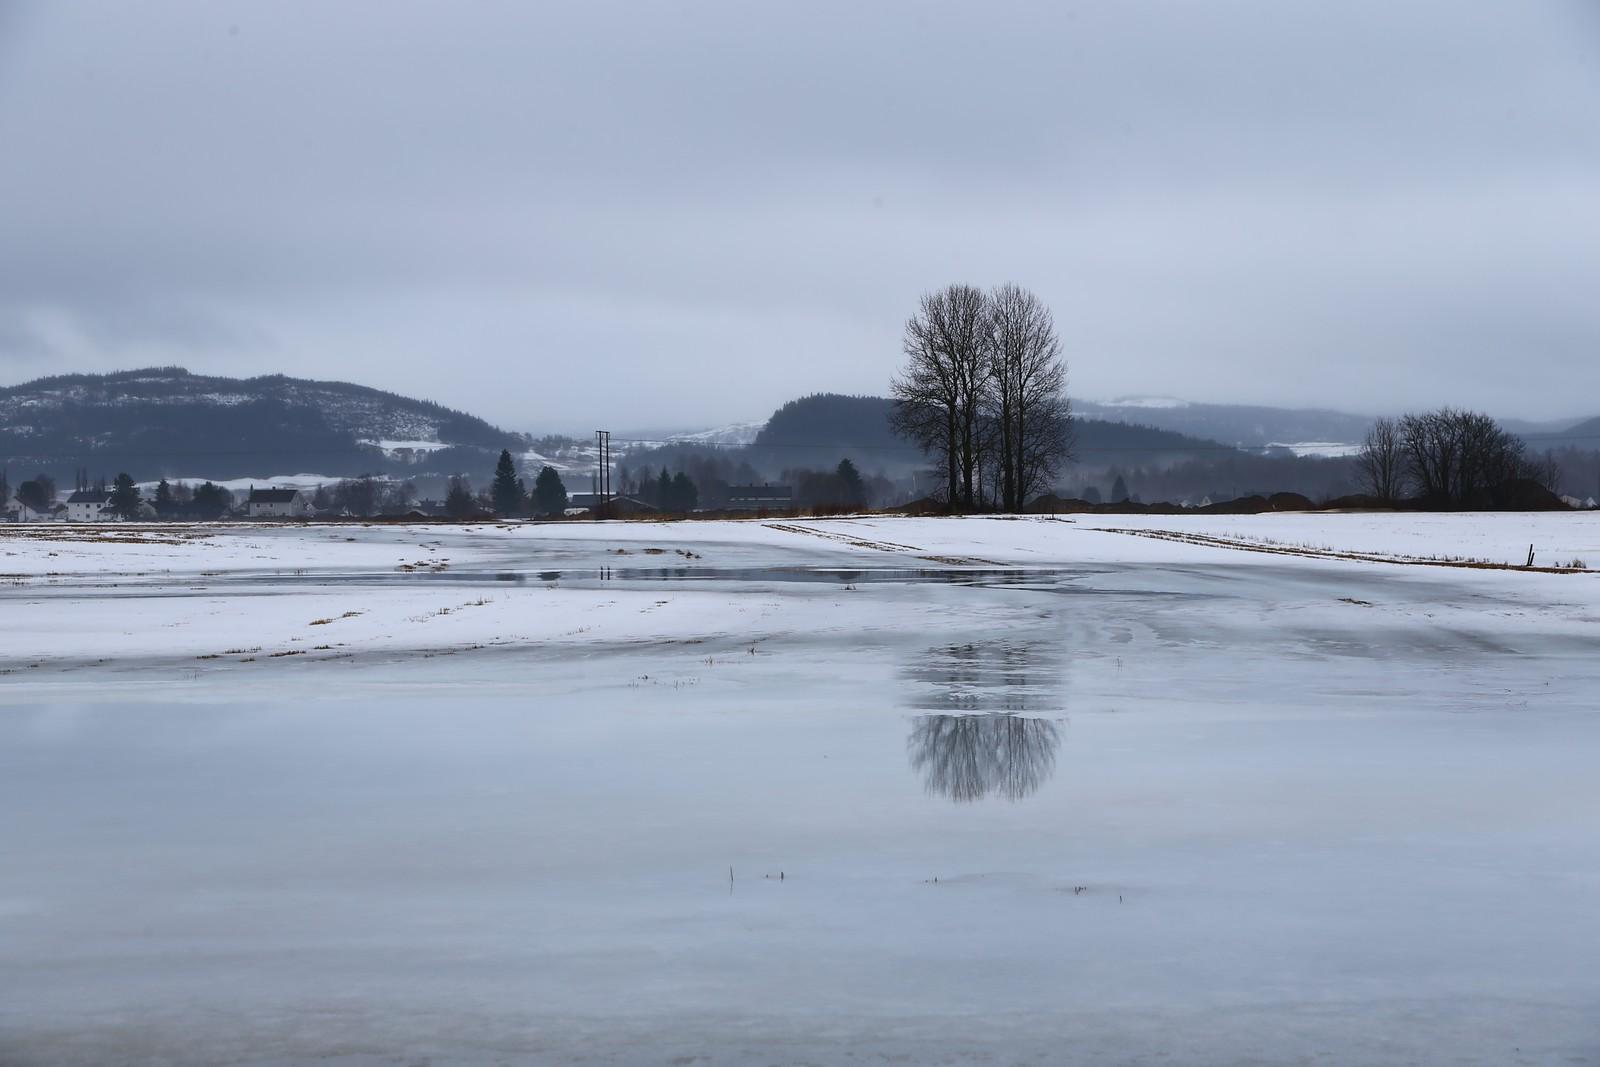 Flere åkrer i området er fulle av vann.